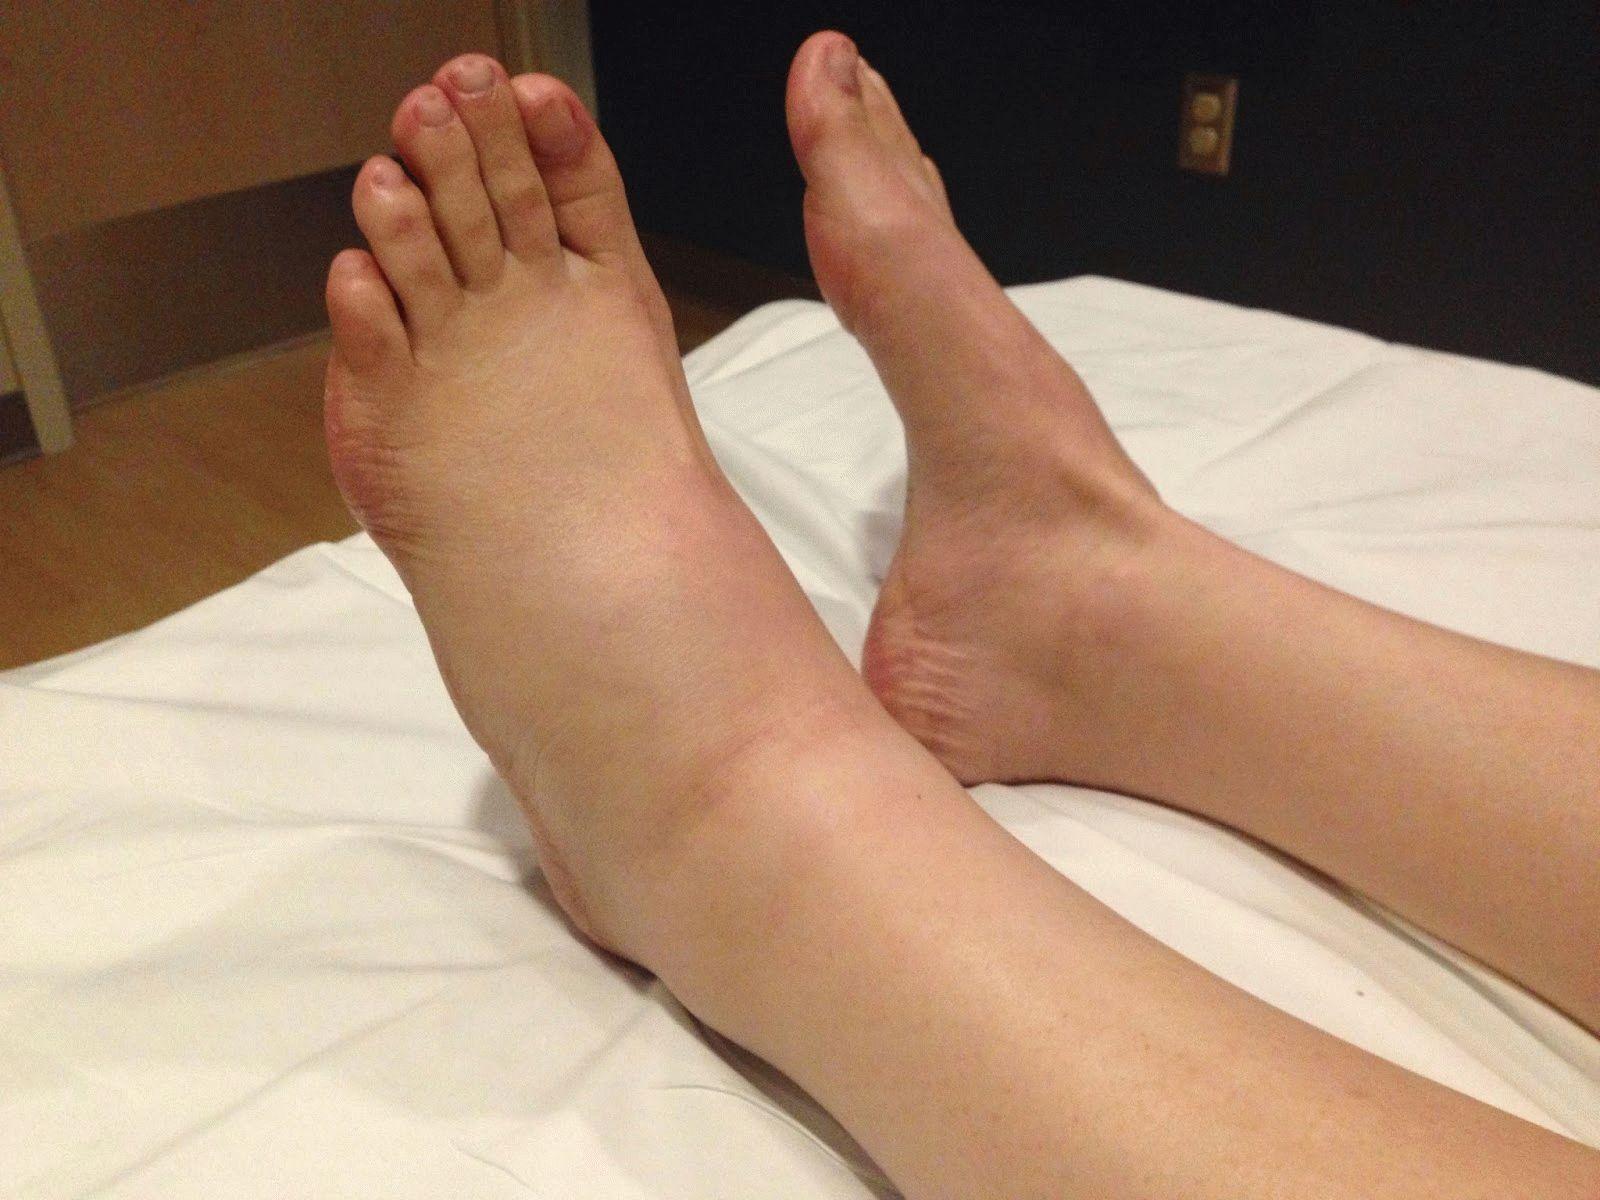 Симптоматика опухолей различного генеза в частности голеностопного сустава топография лучезапястный сустав кисть